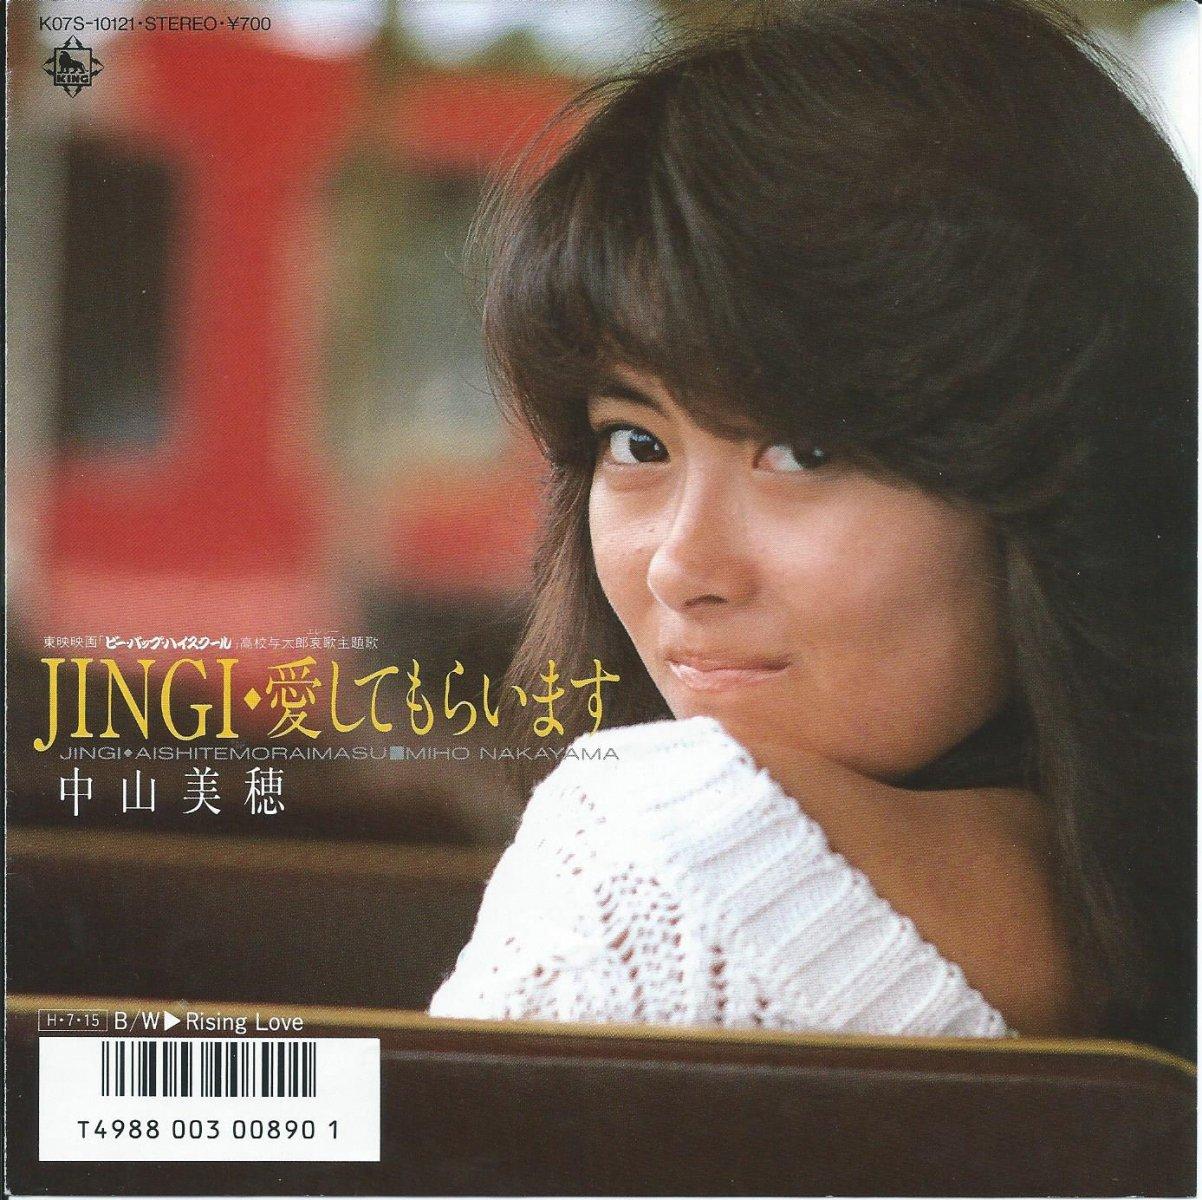 中山美穂 MIHO NAKAYAMA / JINGI・愛してもらいます / RISING LOVE (角松敏生 TOSHIKI KADOMATSU) (7